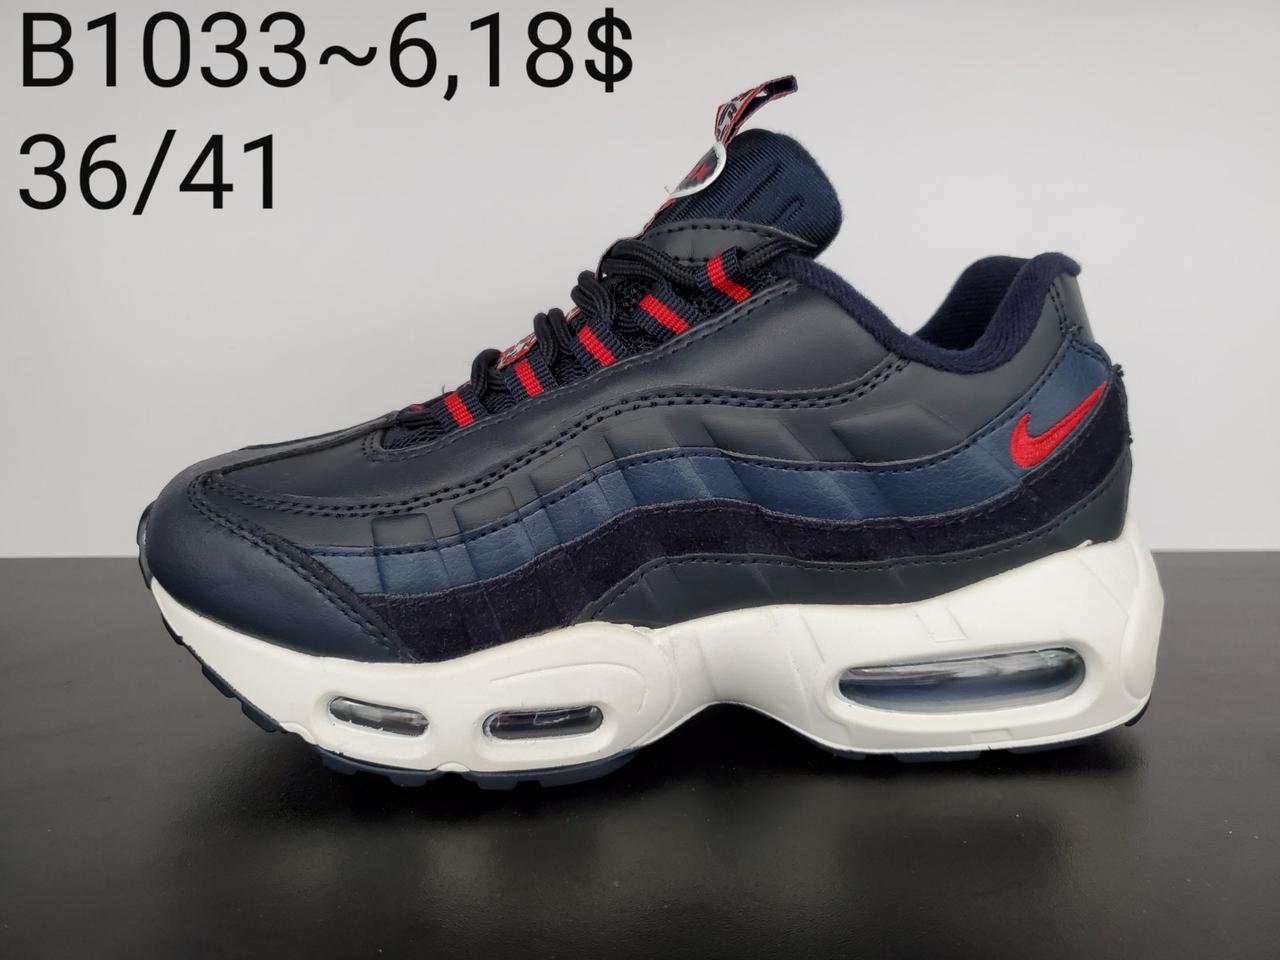 Кроссовки подросток Nike Air Max оптом (36-41)